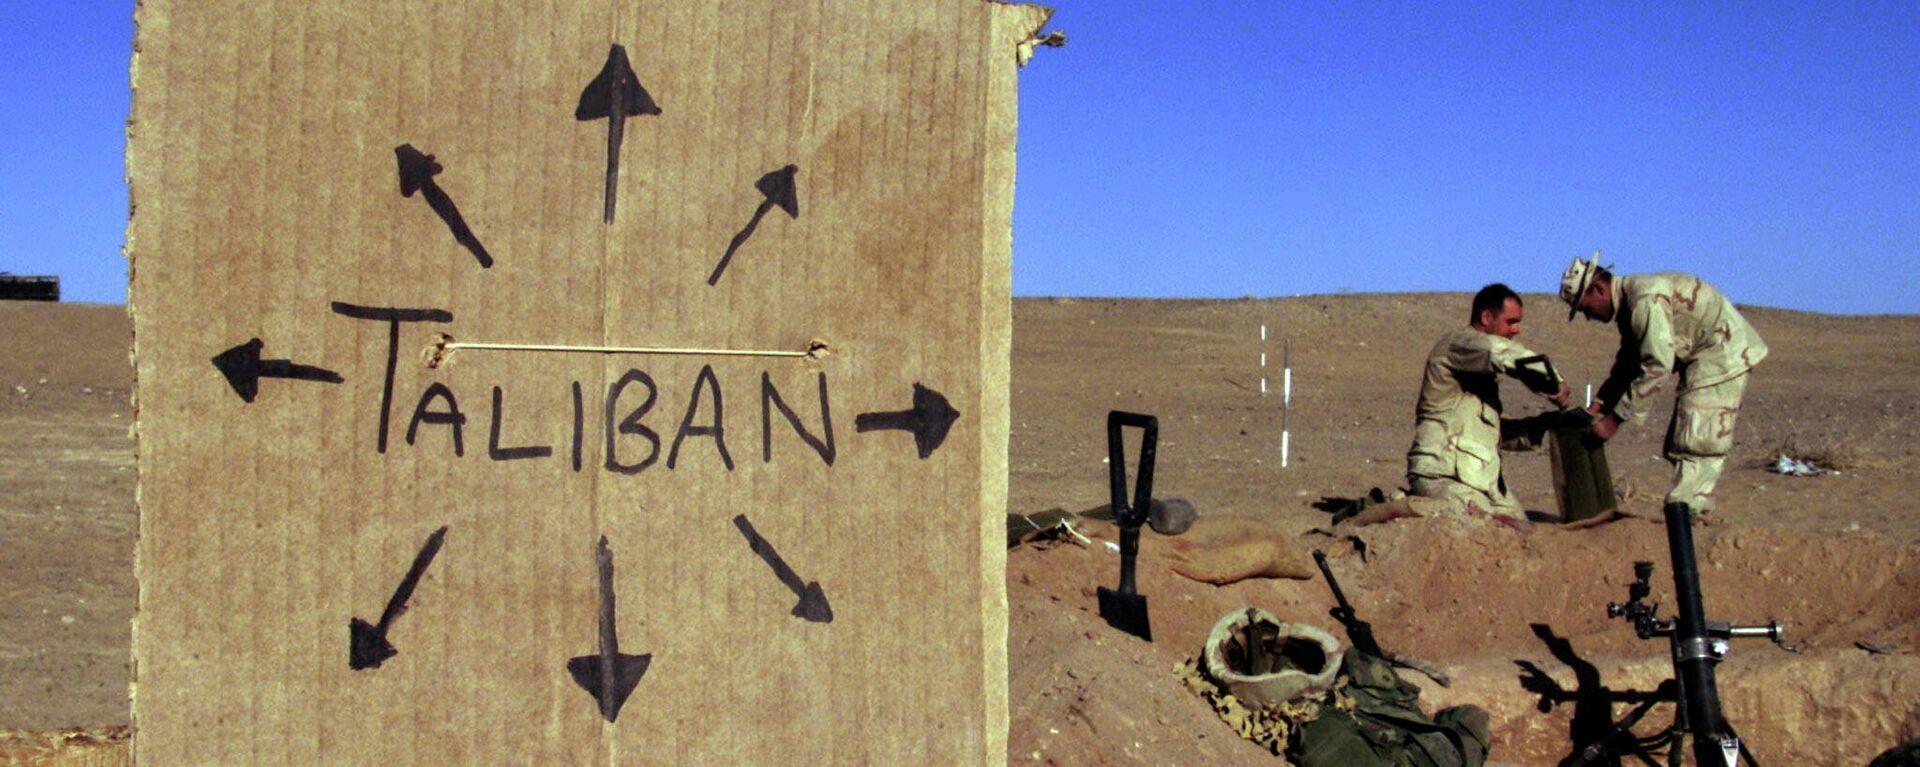 Табличка с надписью Талибы на юге Афганистана - Sputnik Таджикистан, 1920, 03.08.2021